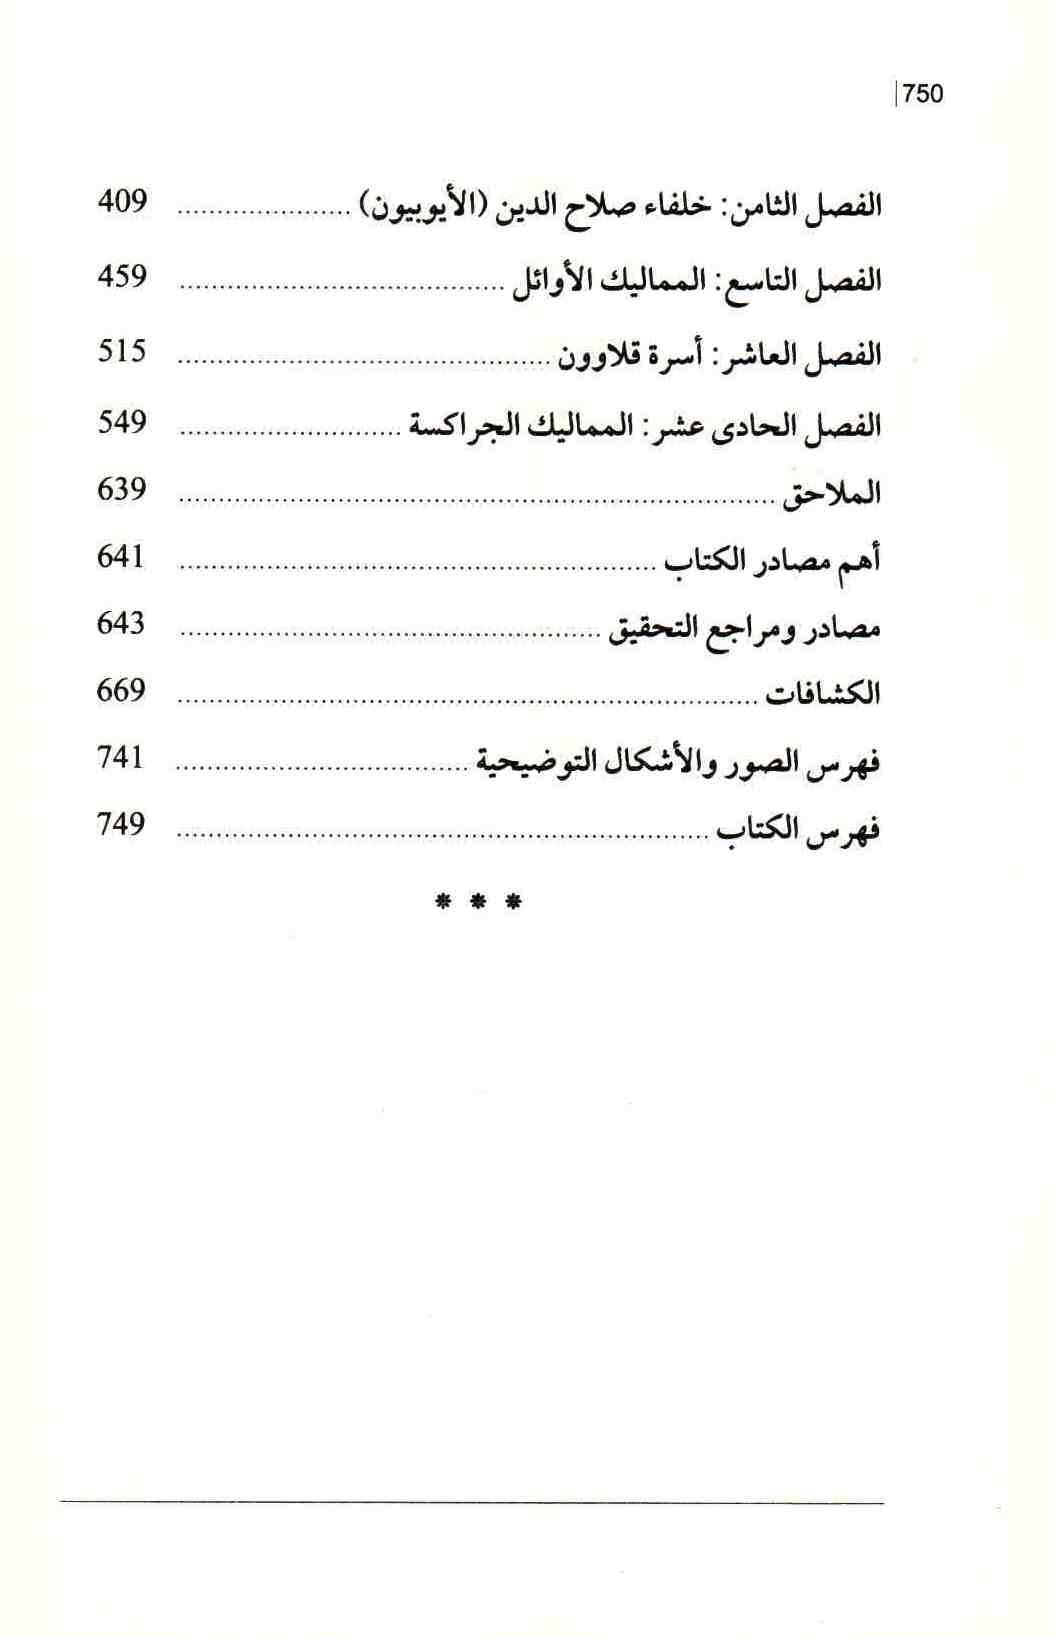 ص750 محتويات كتاب تاريخ مصر في العصور الوسطى